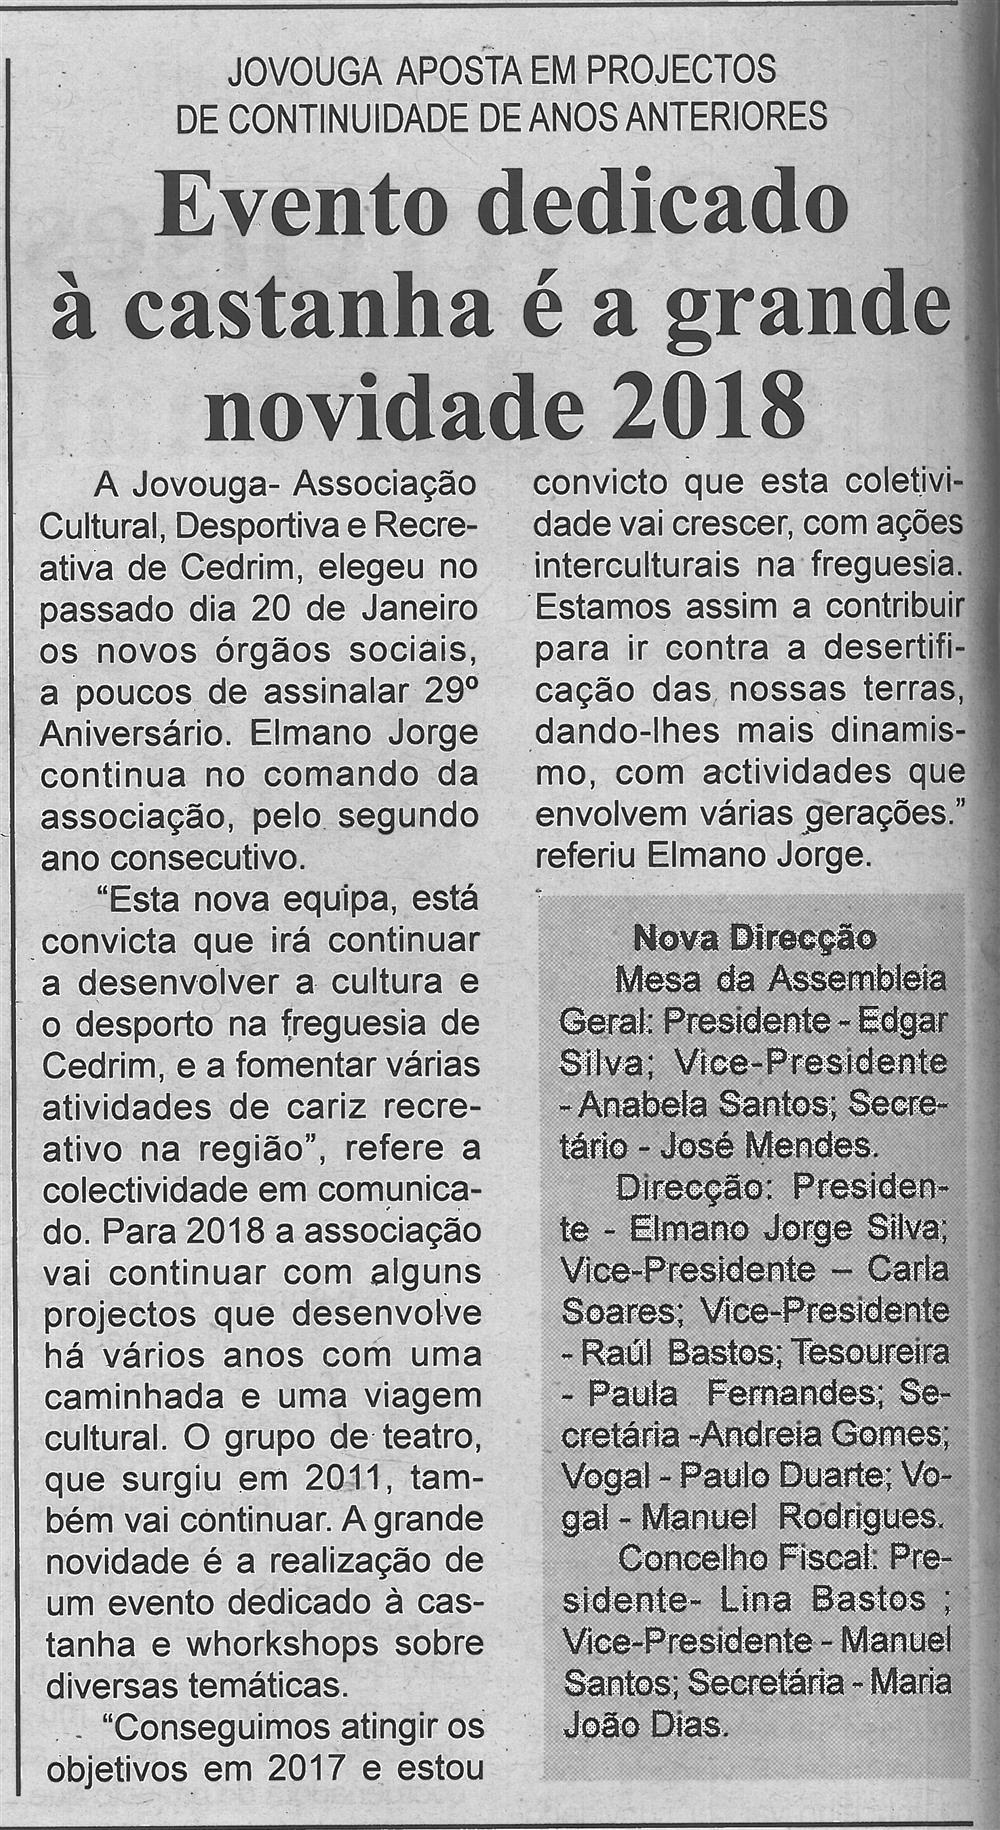 BV-1.ªfev.'18-p.4-Evento dedicado à castanha é a grande novidade 2018 : Jovouga aposta em projetos de continuidade de anos anteriores.jpg